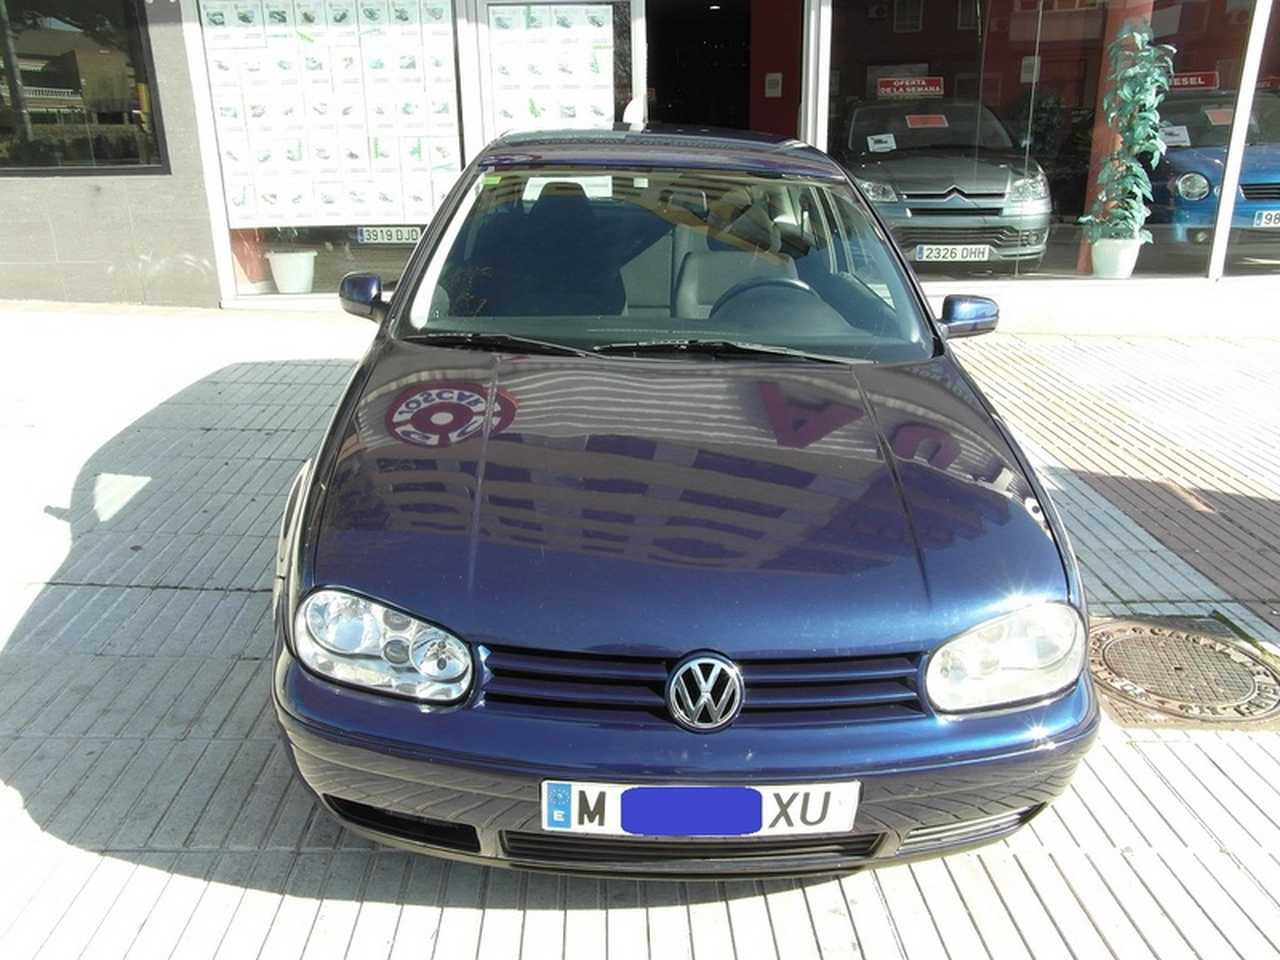 Volkswagen Golf 1.6 SR 100CV 3 PUERTAS  - Foto 1